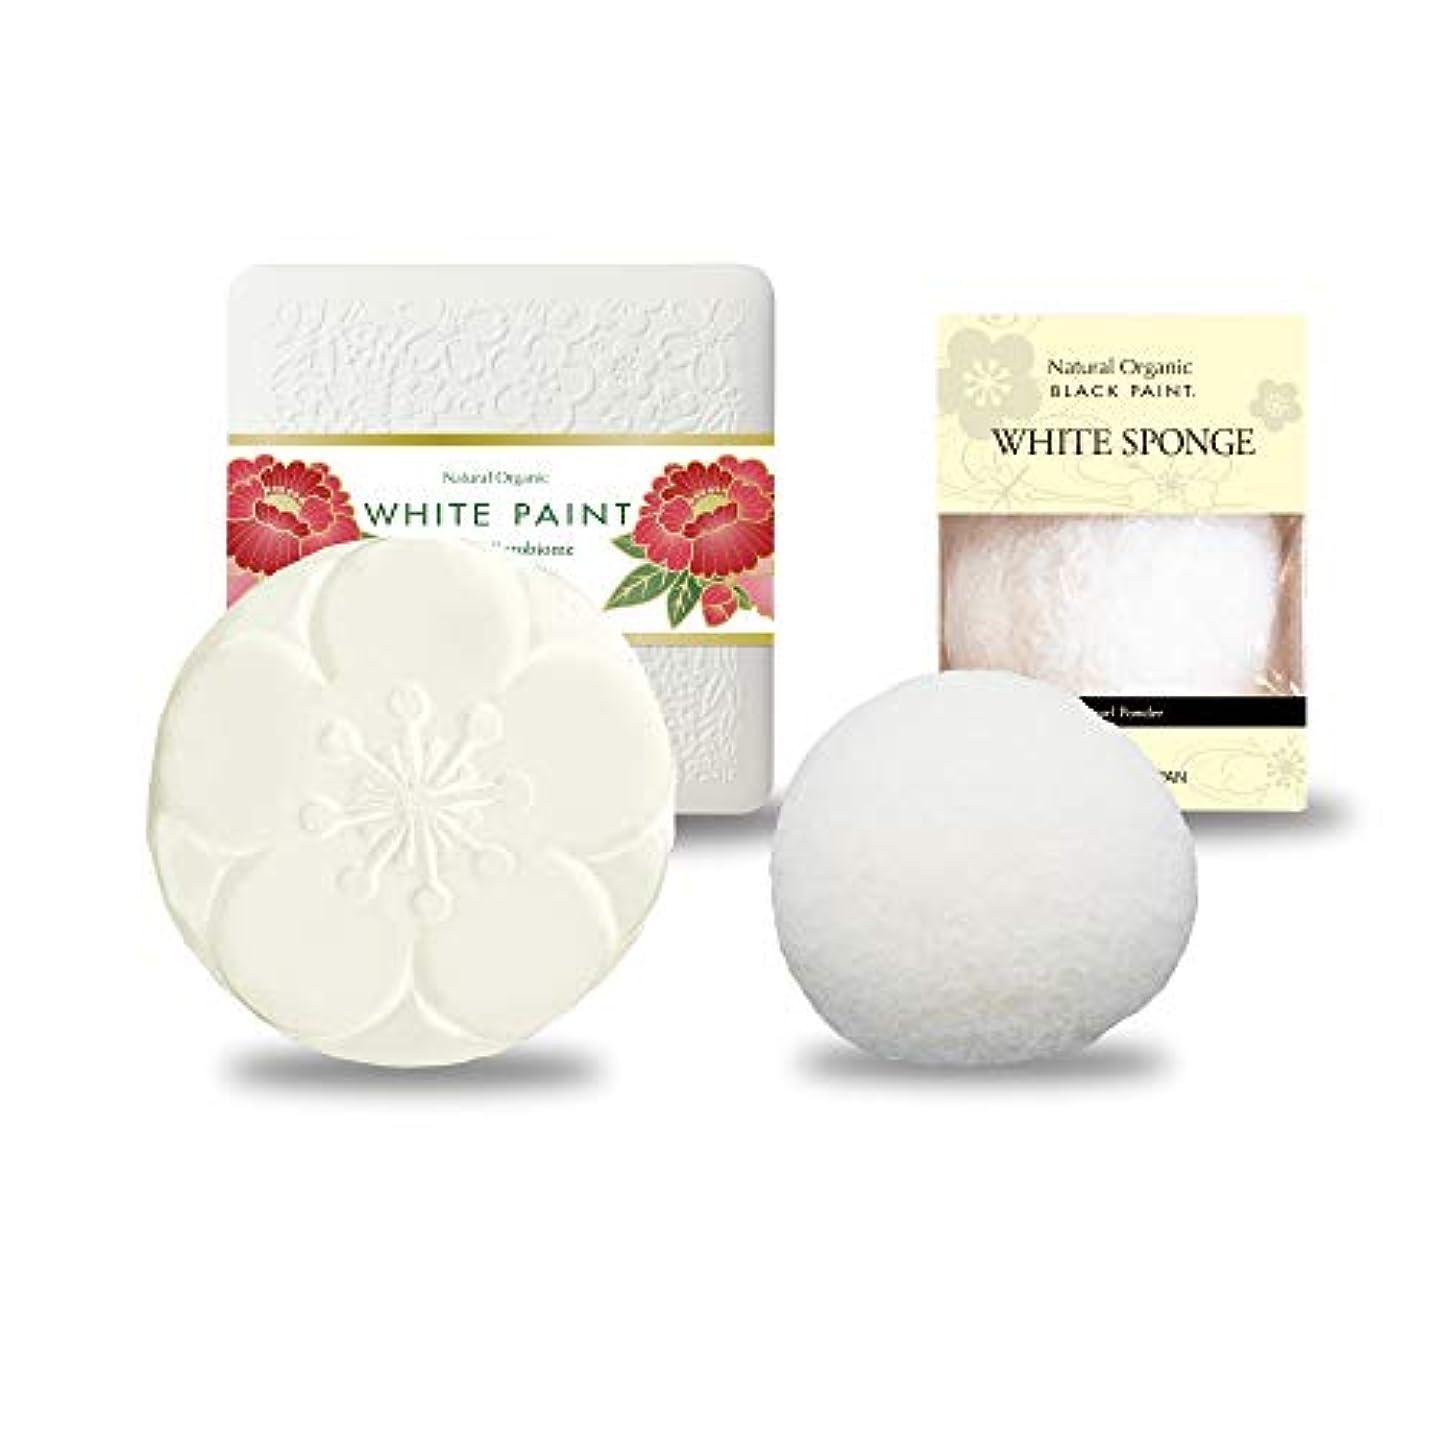 粉砕する確立しますちっちゃいプレミアムホワイトペイント60g&ホワイトスポンジ 洗顔セット